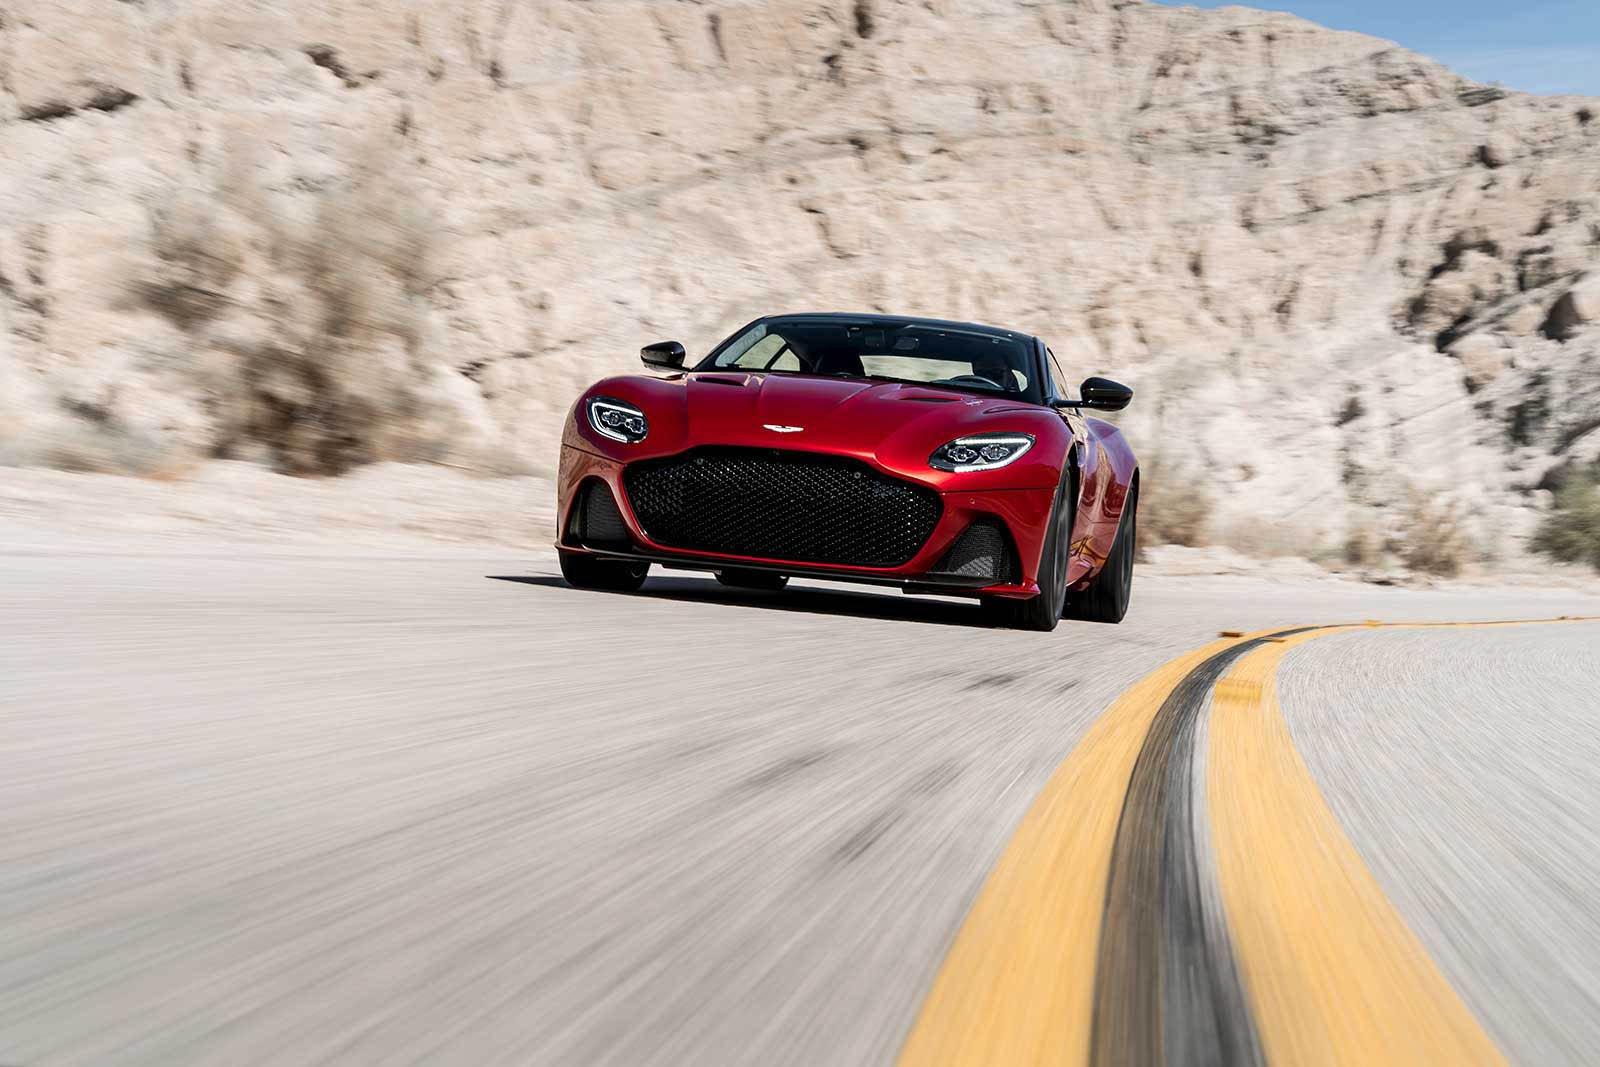 Aston Martin DBS Superleggera 2019 (3)